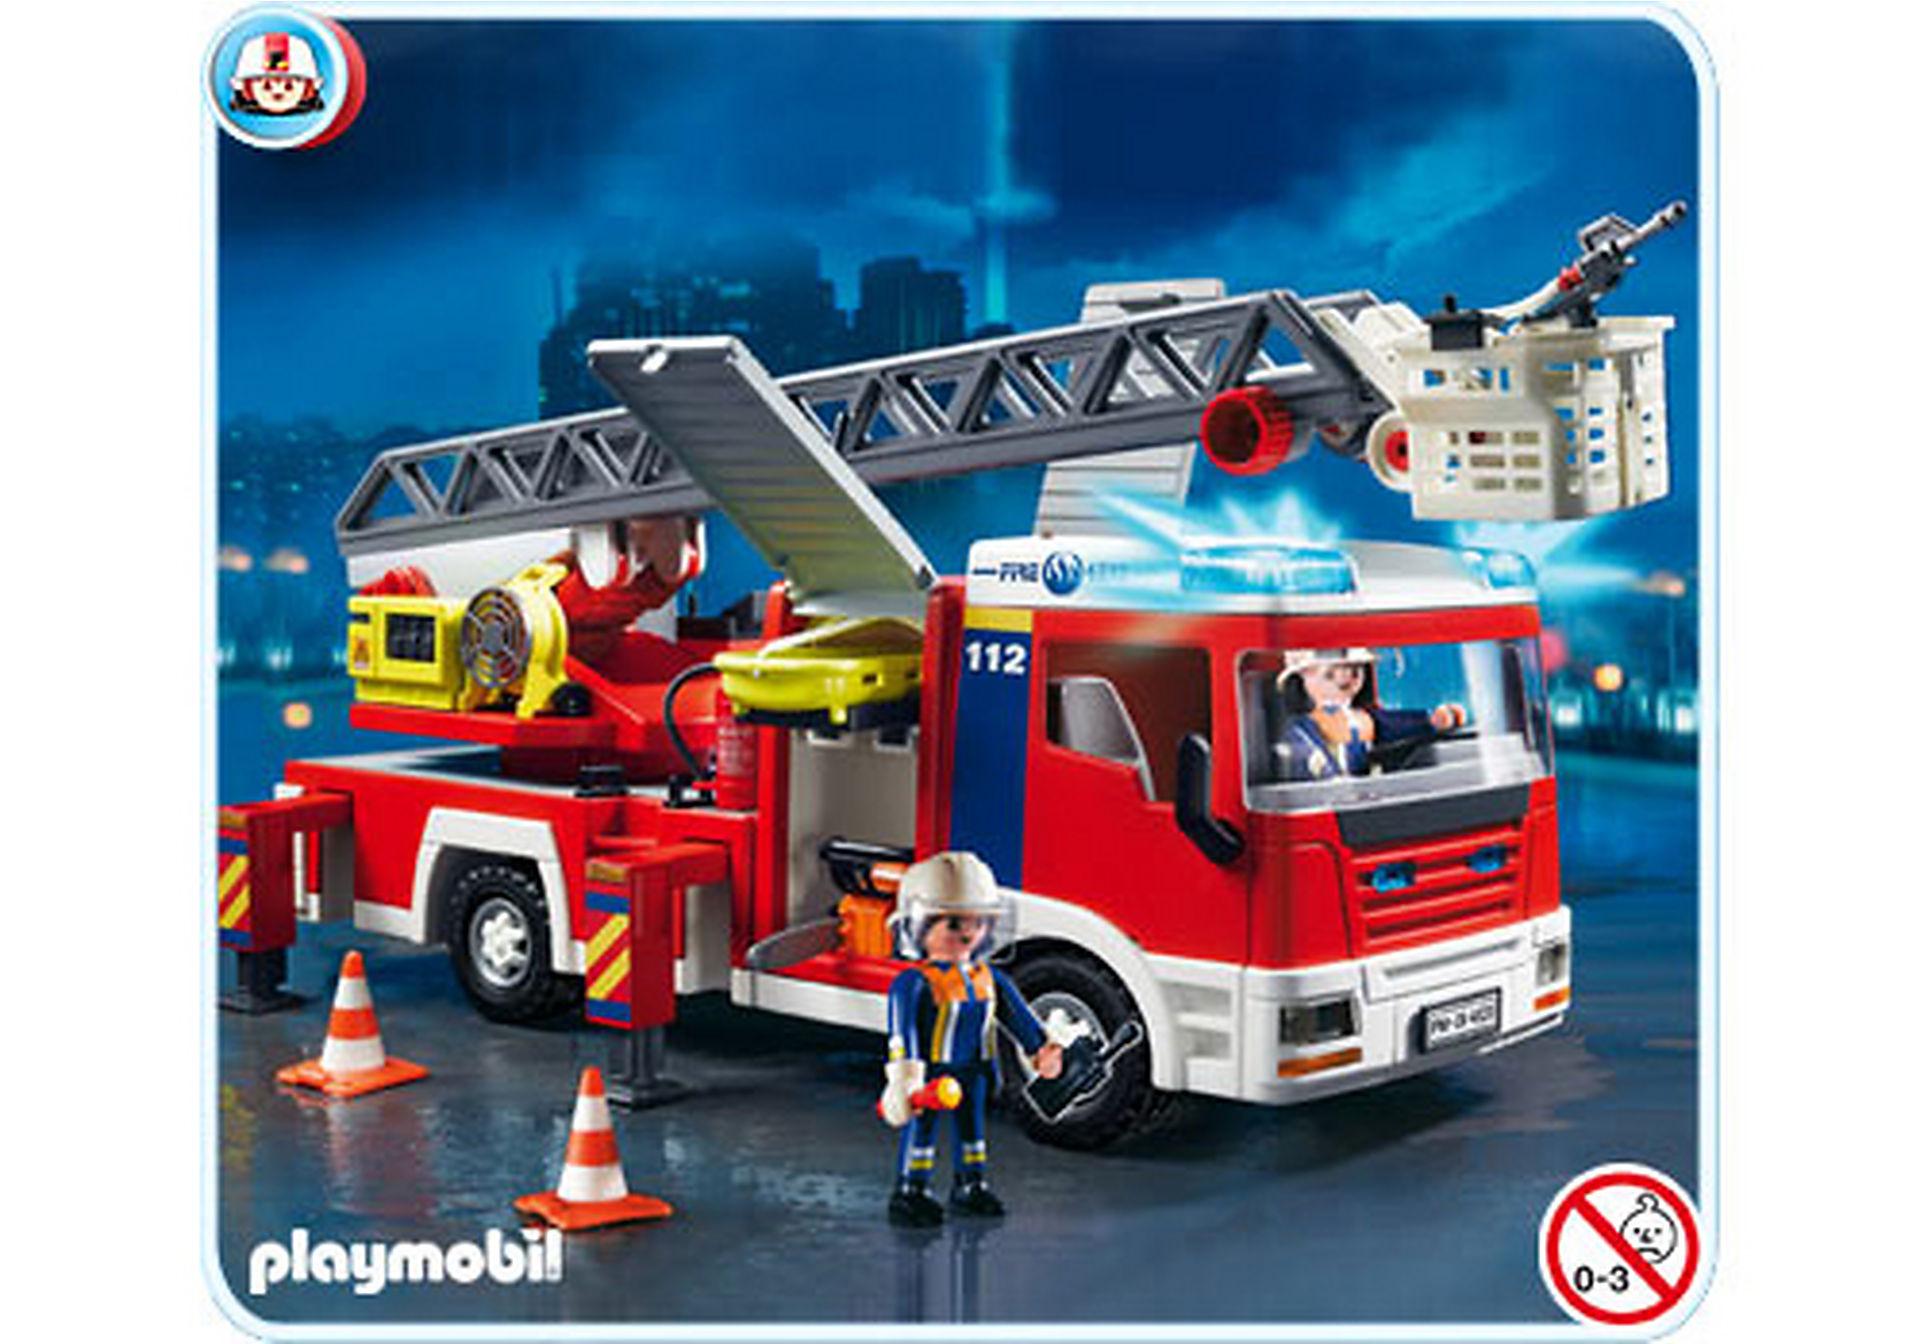 http://media.playmobil.com/i/playmobil/4820-A_product_detail/Camion de pompiers grande échelle